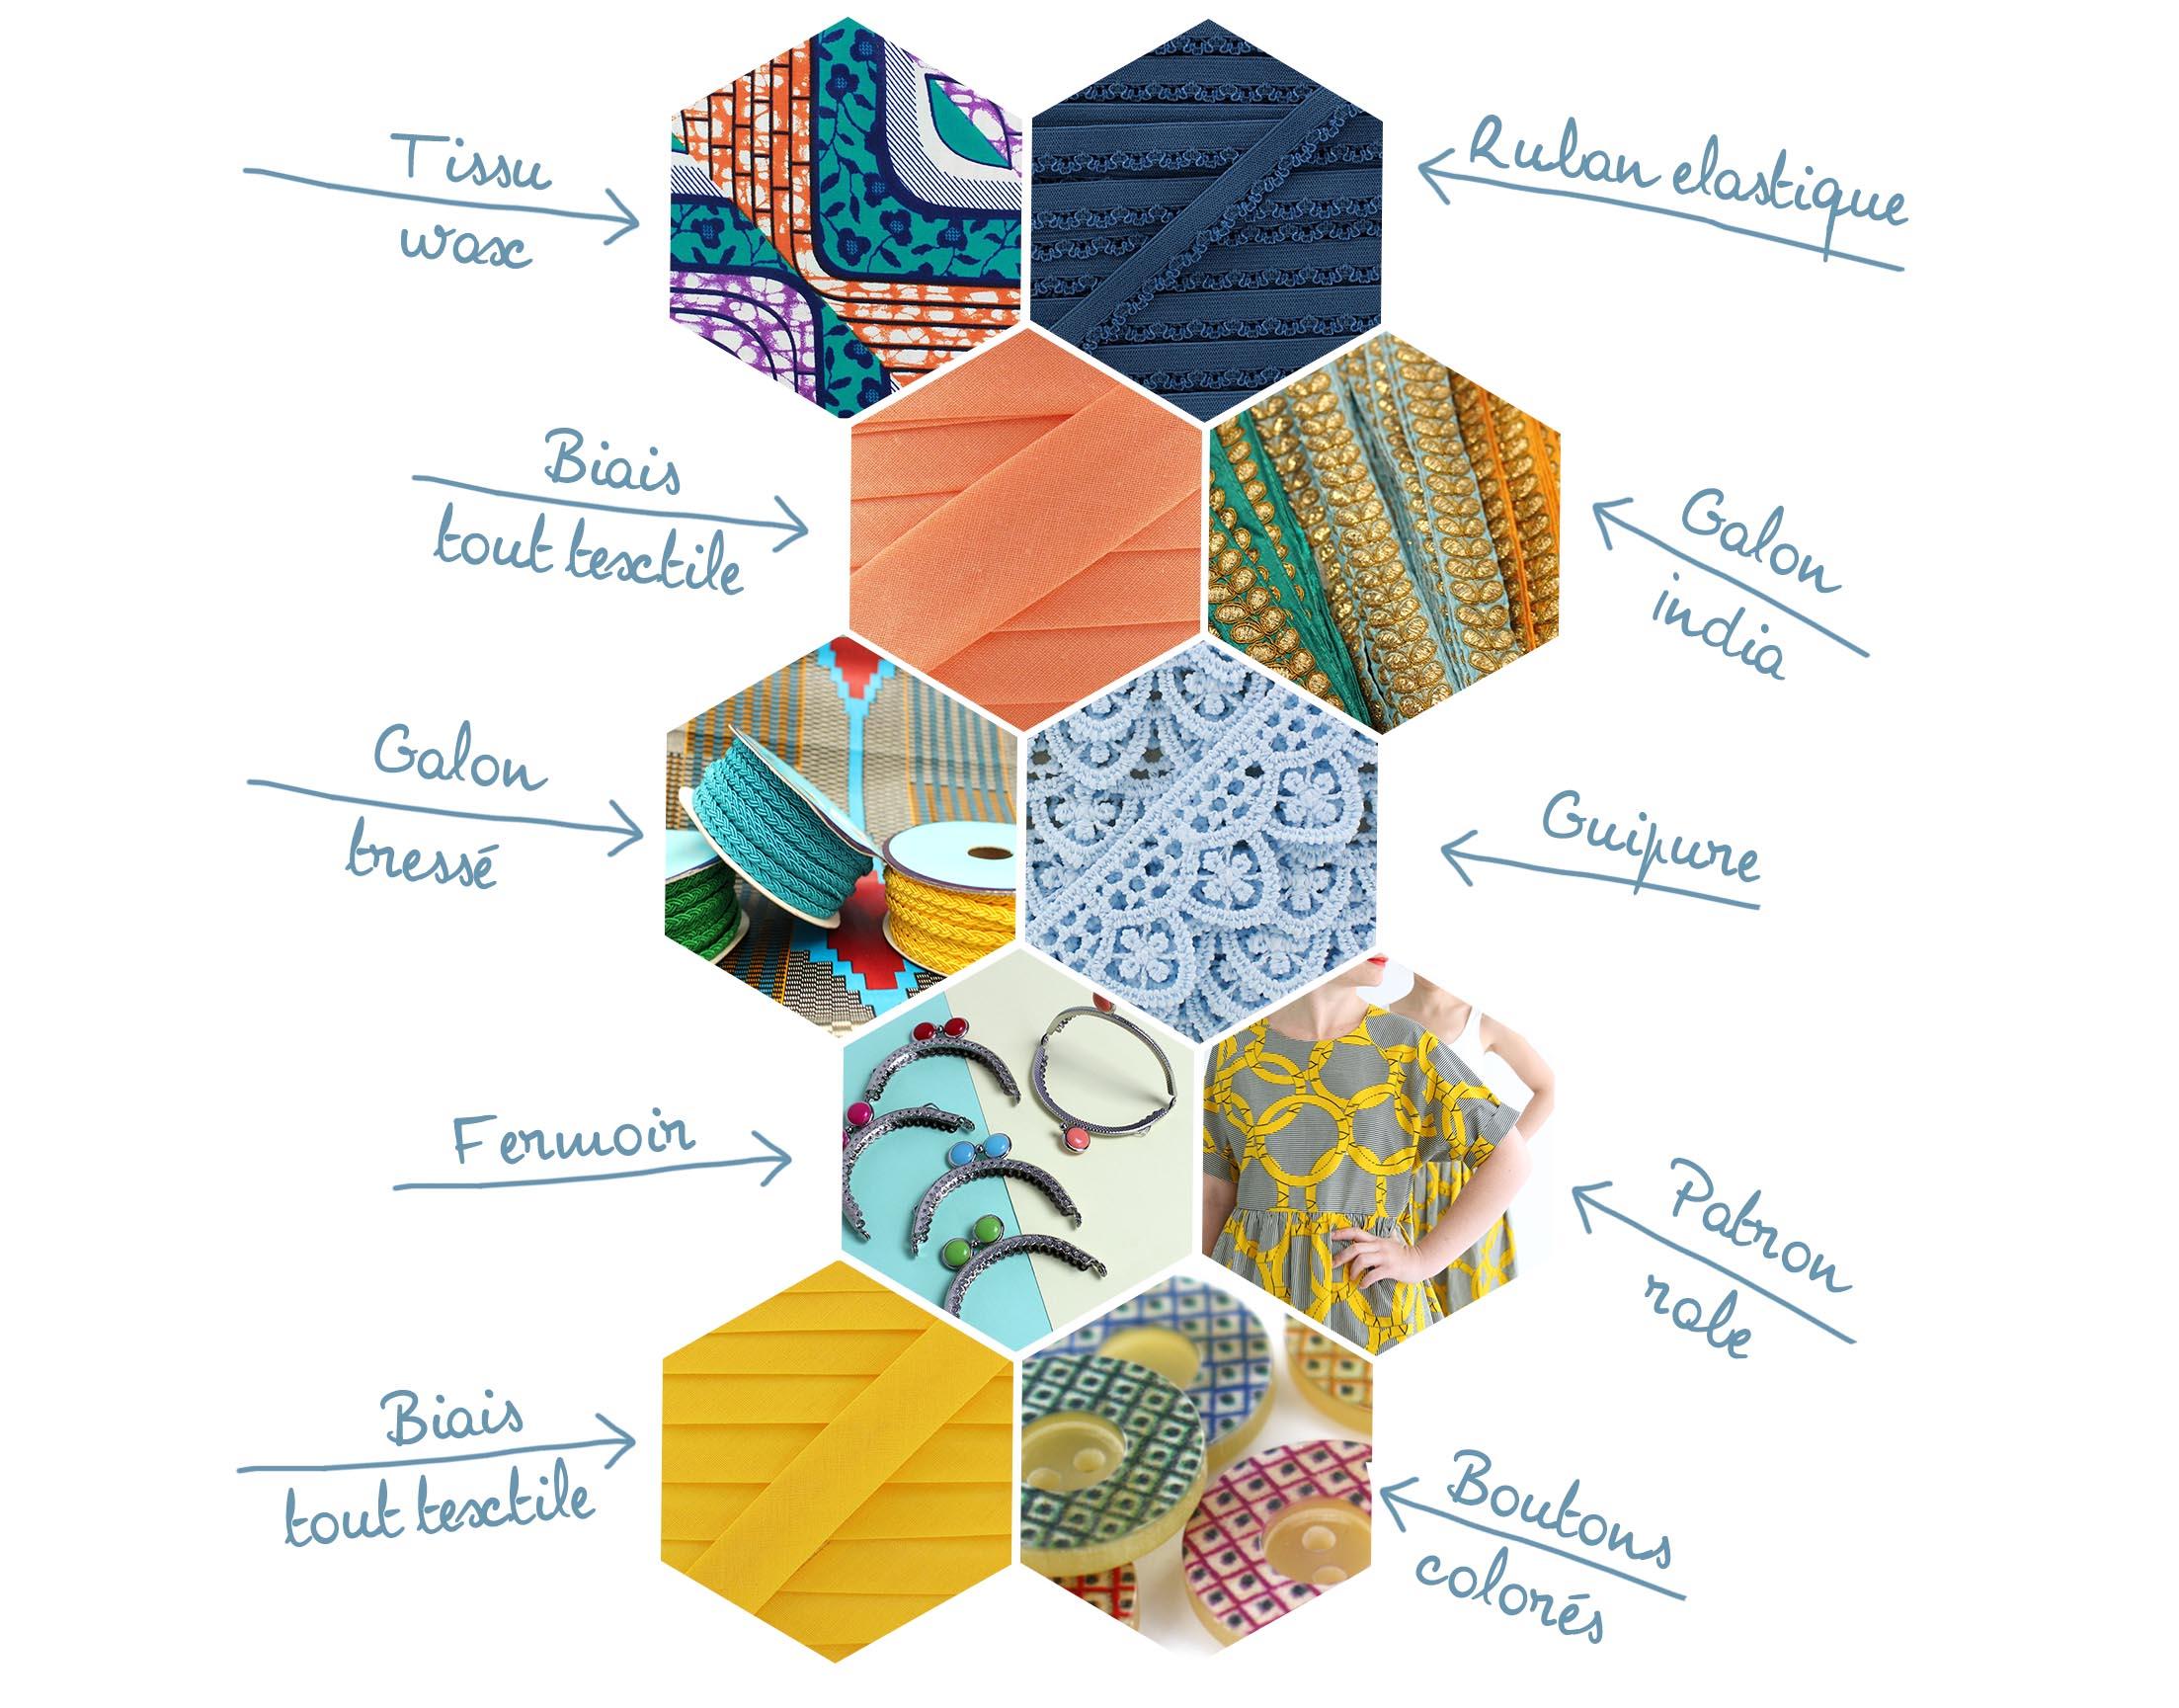 Les produits ma petite mercerie associés au tissu wax. Inspirez-vous de ce moodboard pour créer robes, porte-monnaie, bandeaux ou pochettes